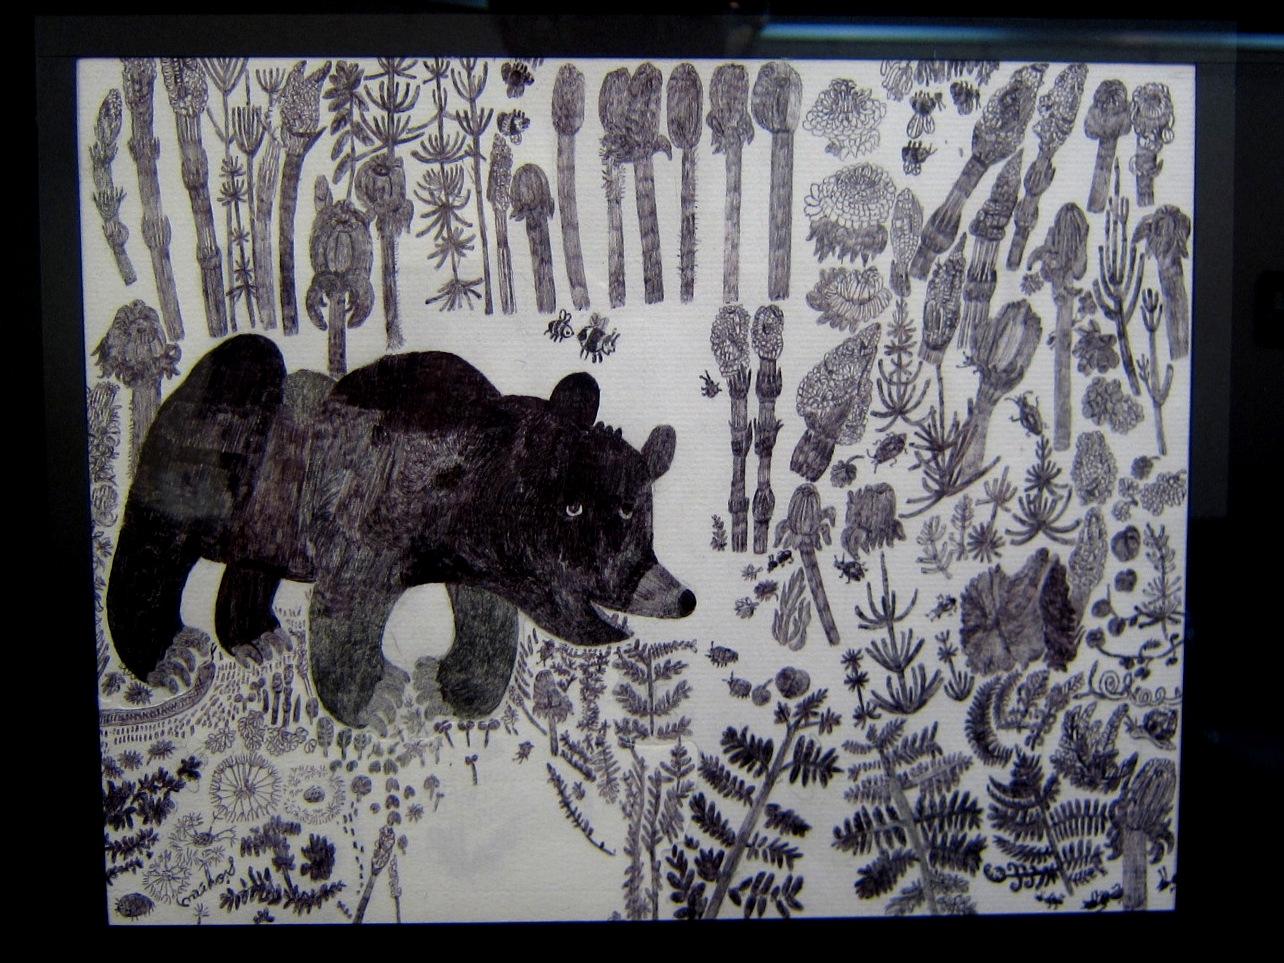 2163) 「鈴木麻衣子ボールペン画展 『クマと森』」 時計台 8月19日(月)~8月24日(土)   _f0126829_137562.jpg